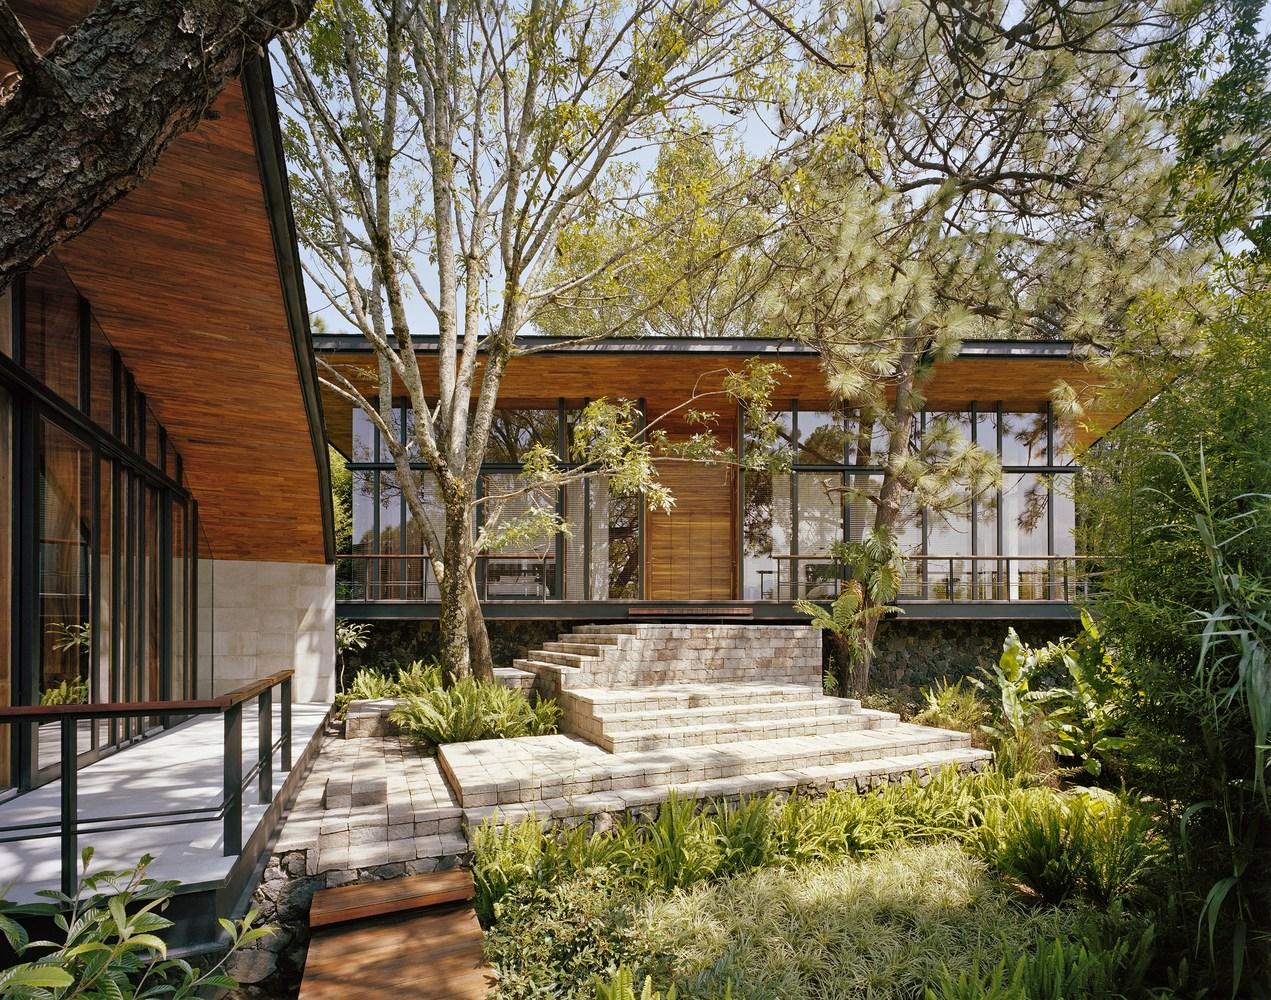 Casa en el bosque Exterior View